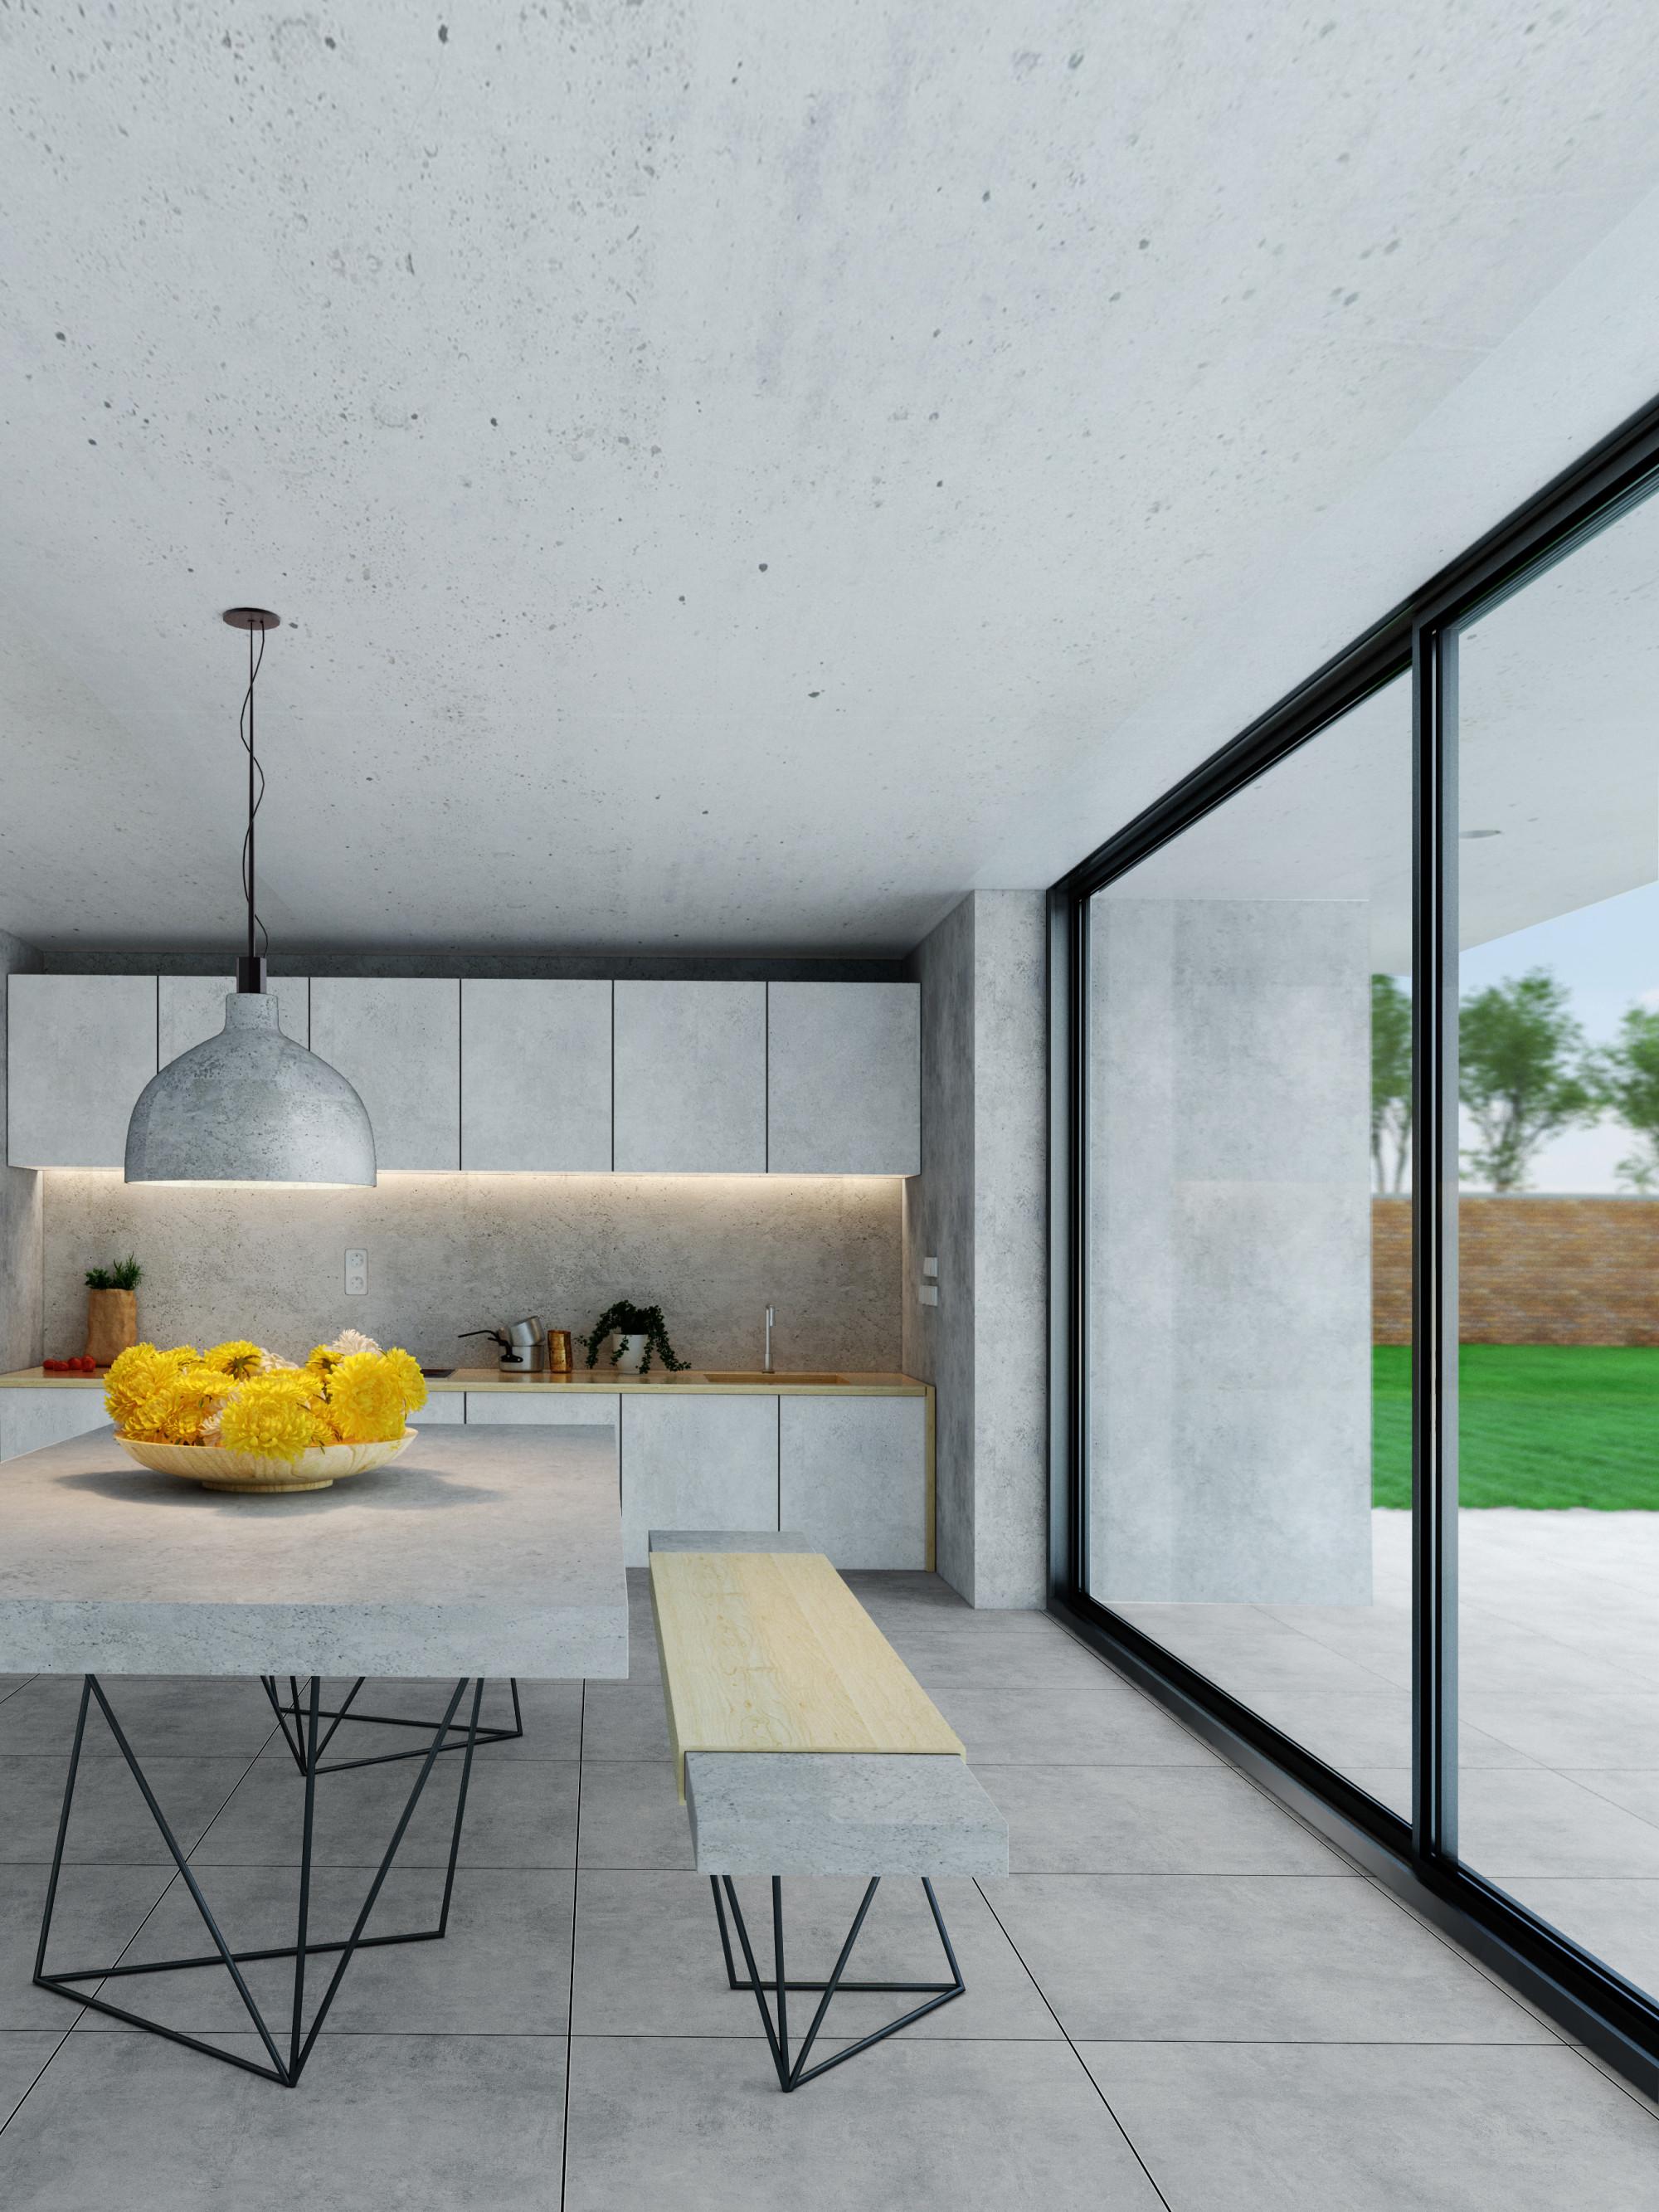 XXL Cemento Silver Indoor Floor Tile - 800x800(mm)